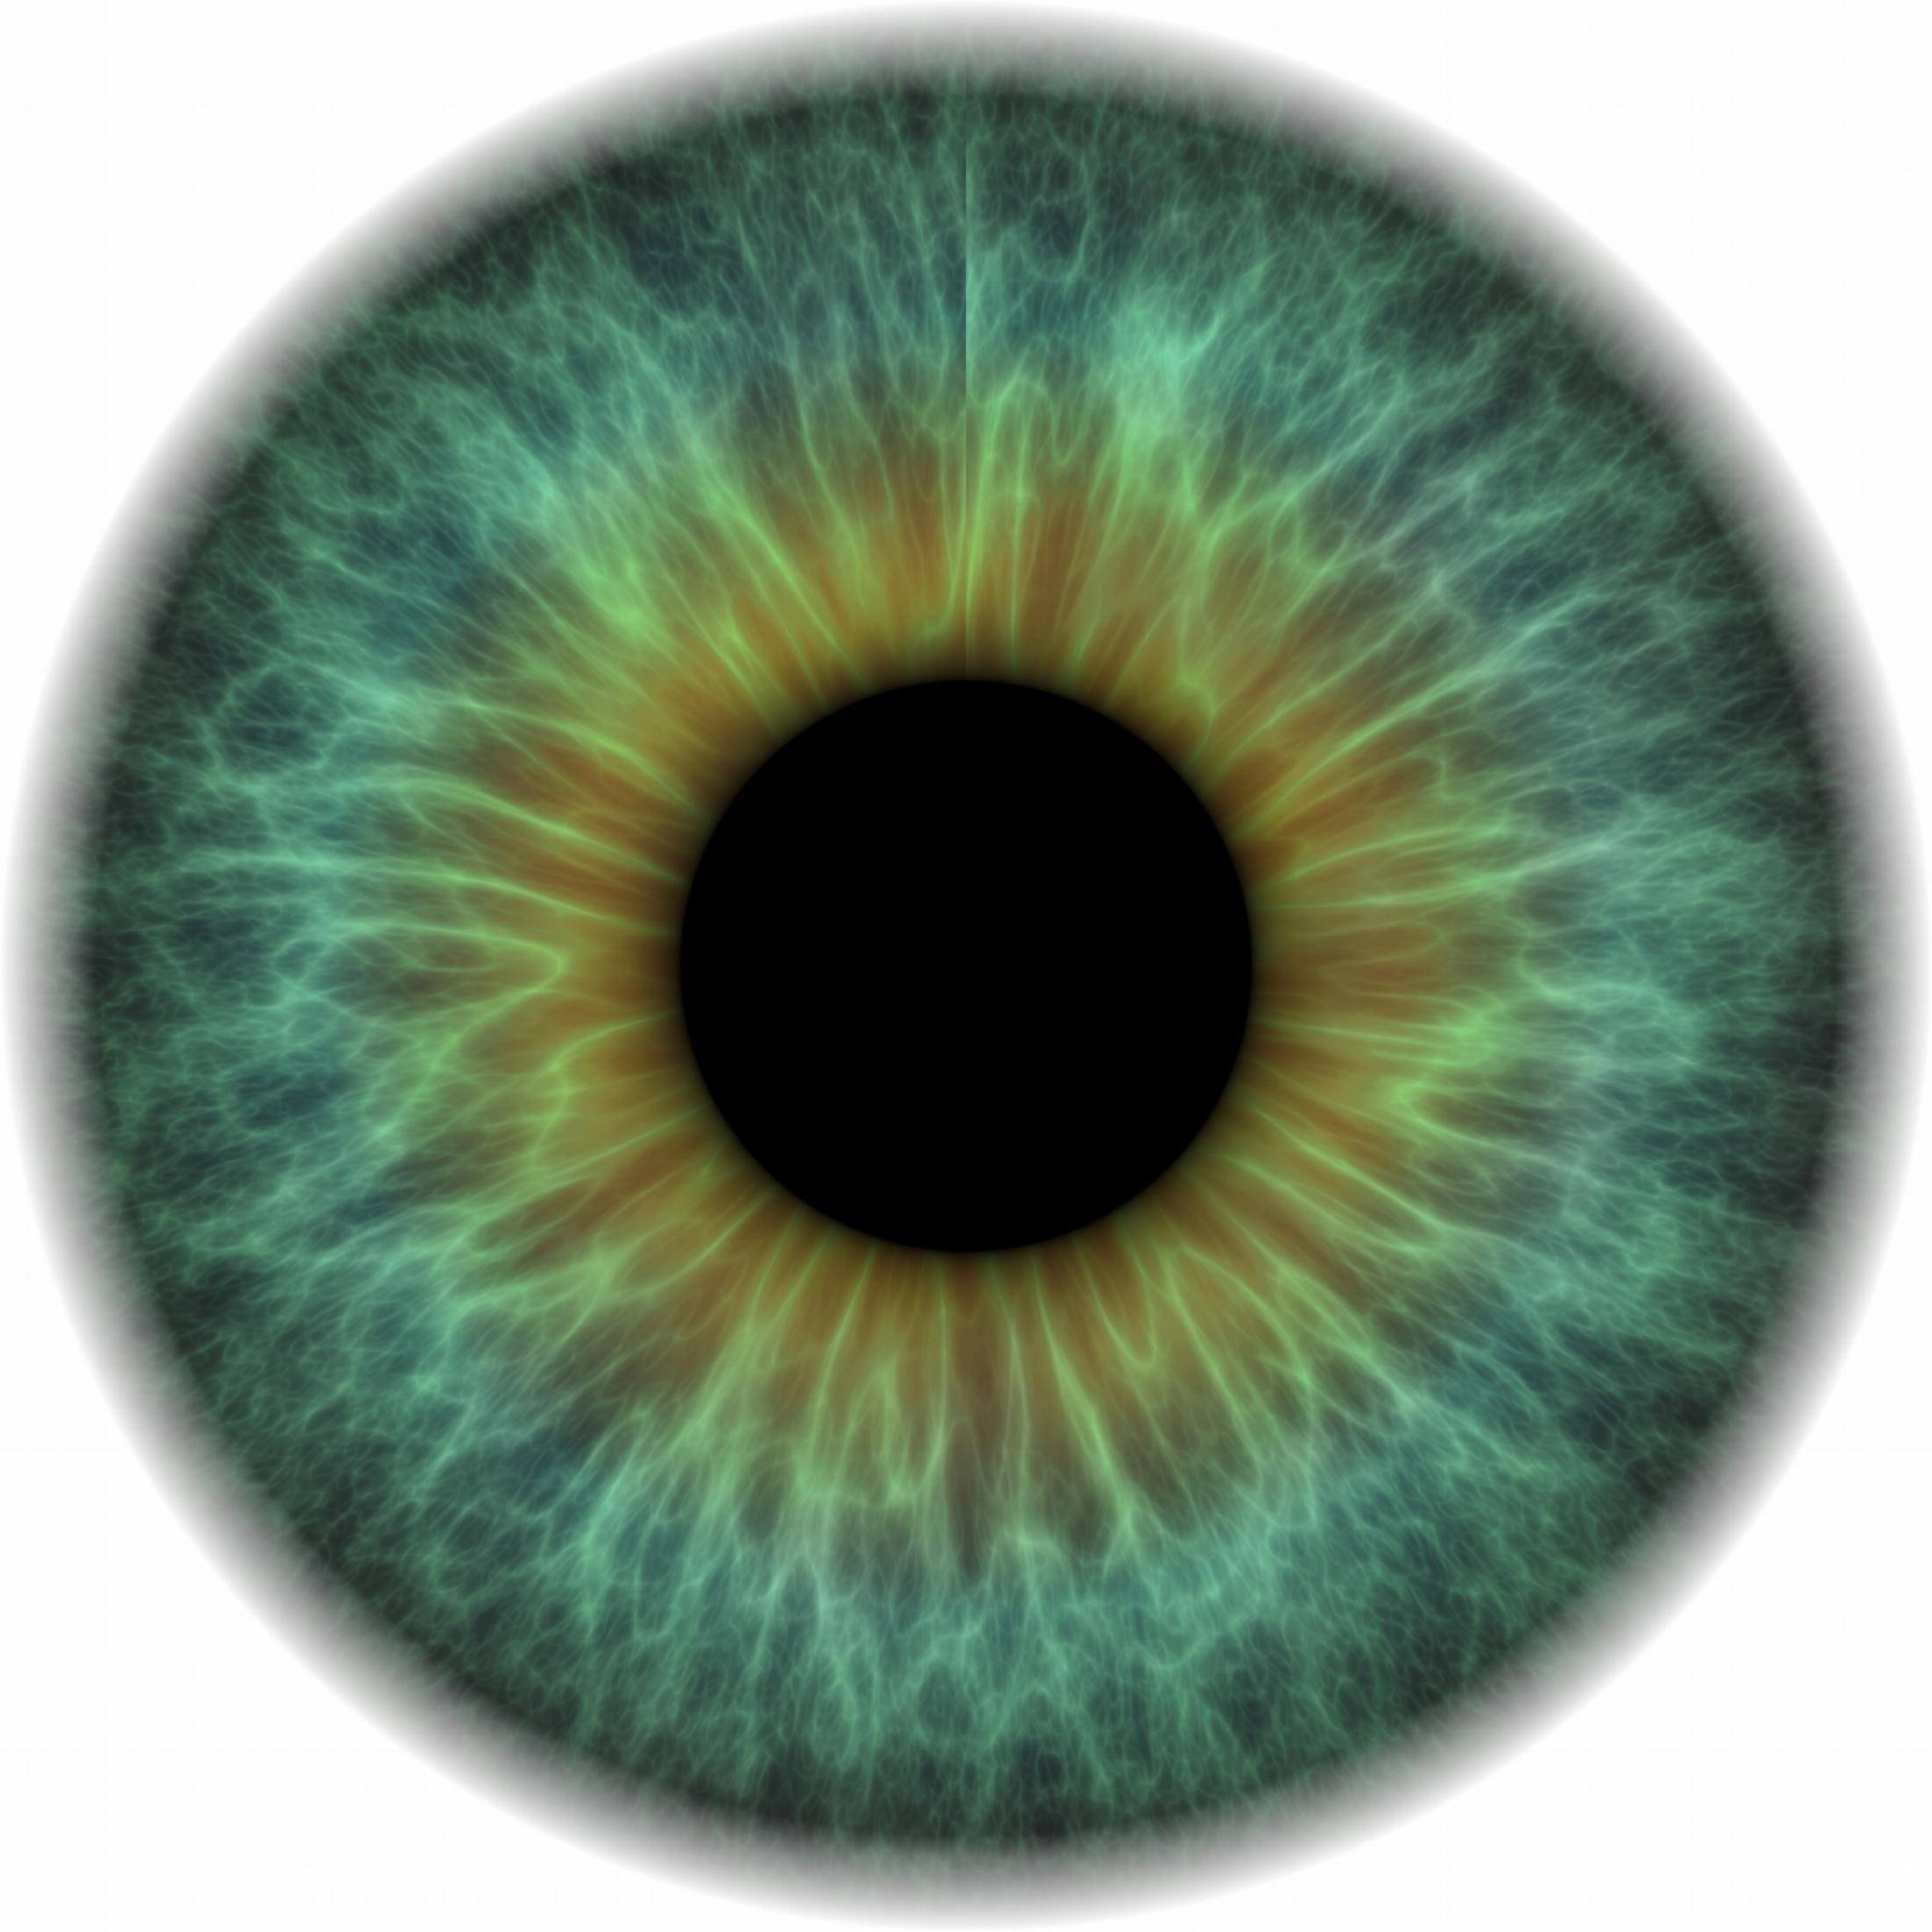 human iris.jpg